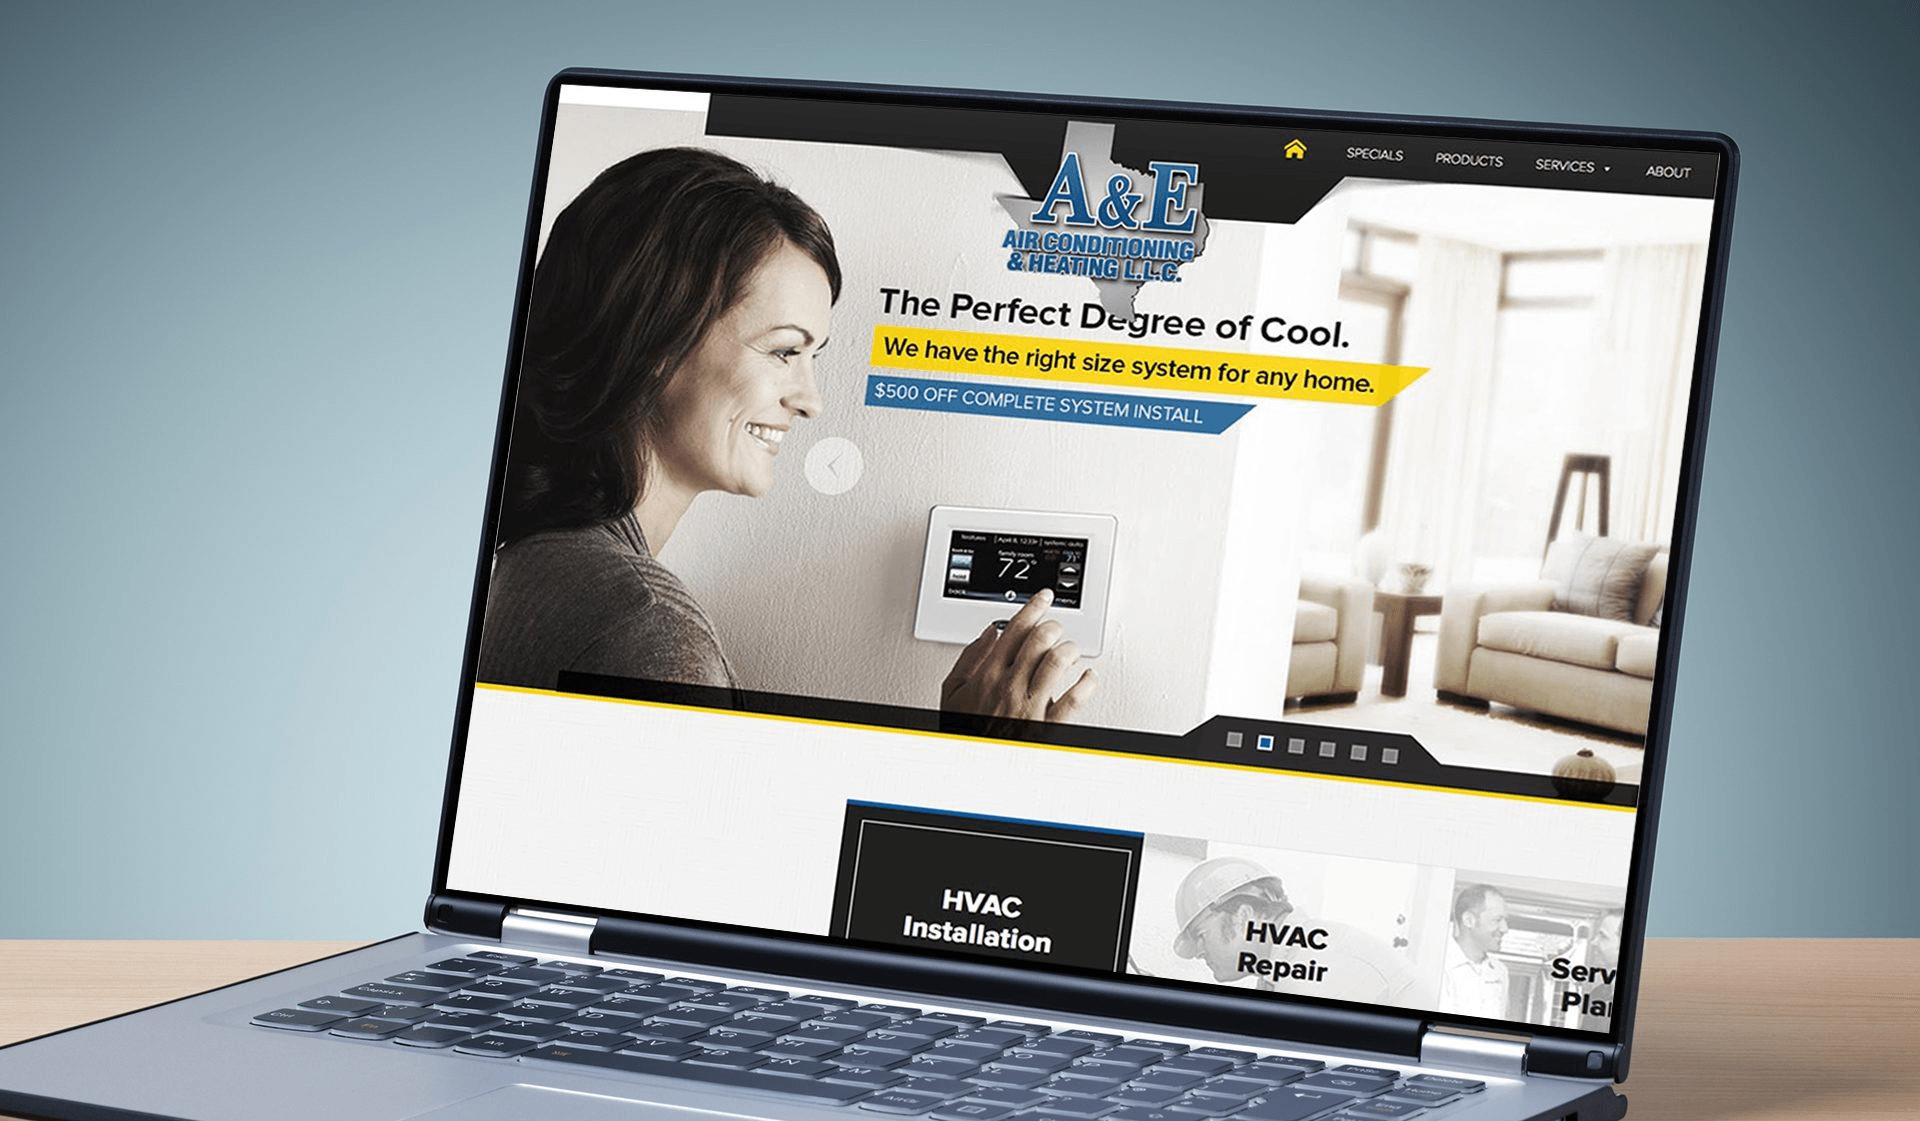 A&E Website